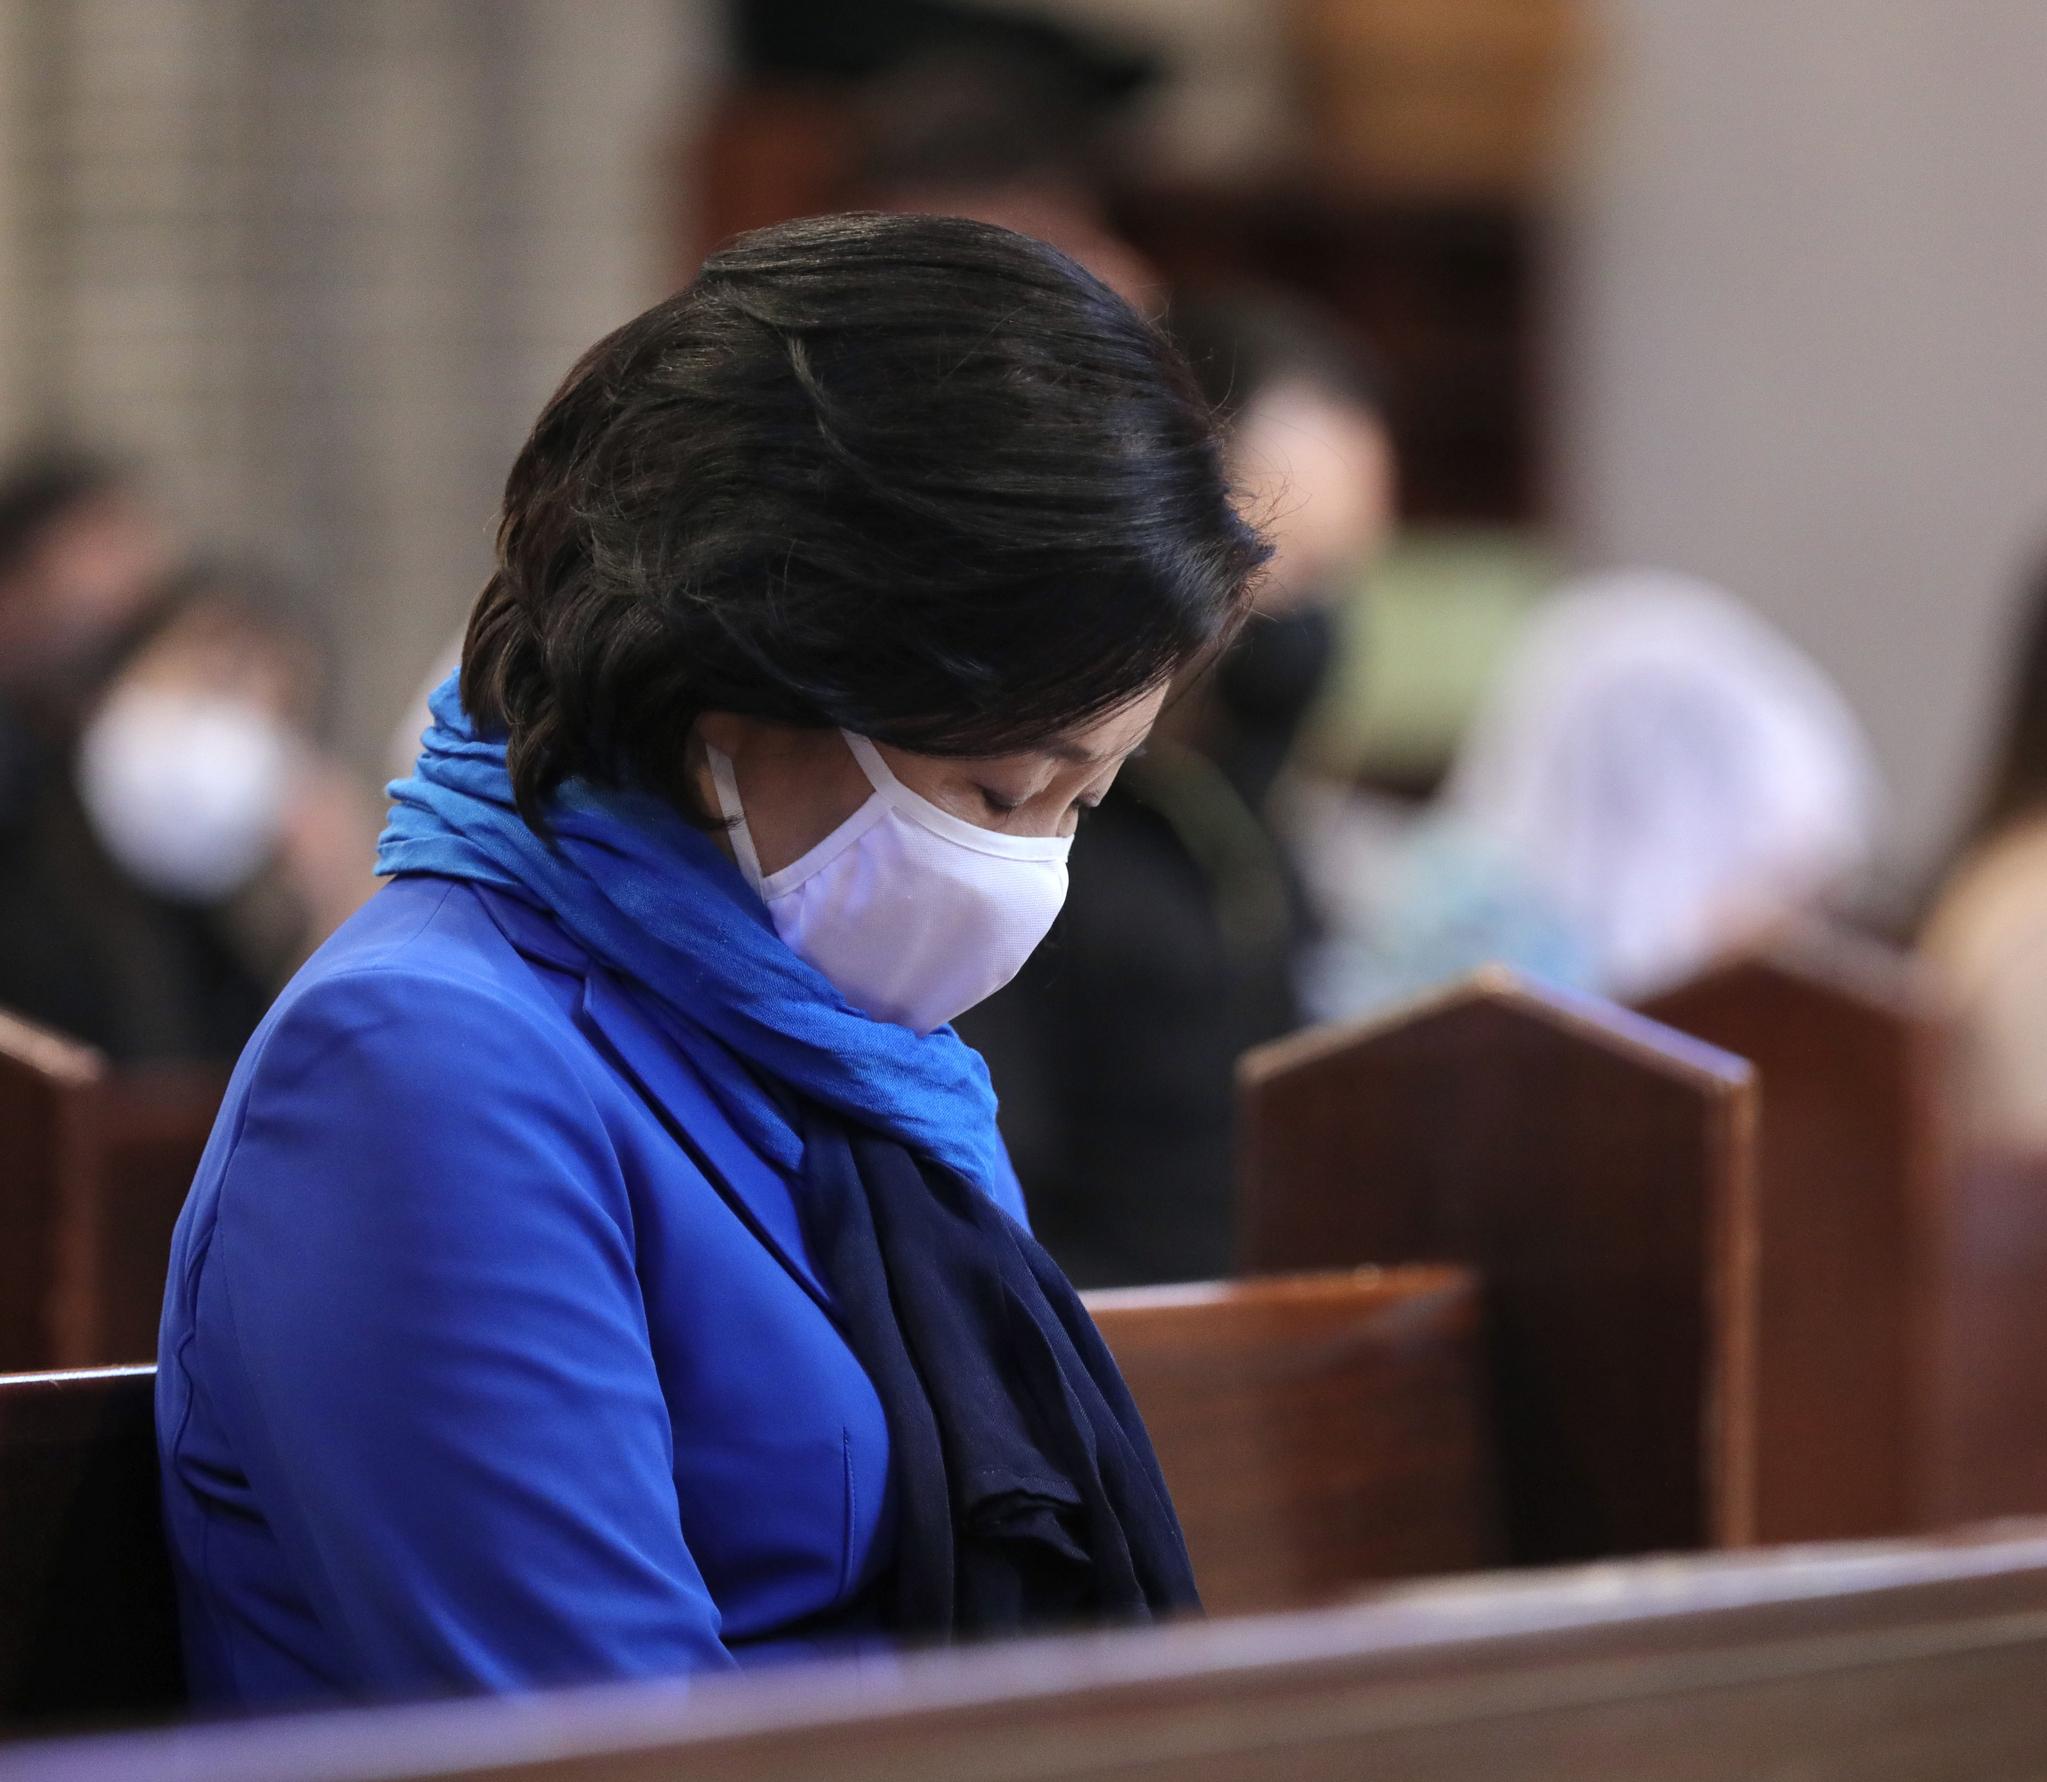 지난 4일 서울 중구 명동성당에서 열린 부활절미사에 참석해 기도를 하고 박영선 전 중소벤처기업부 장관. 사진 박영선 캠프